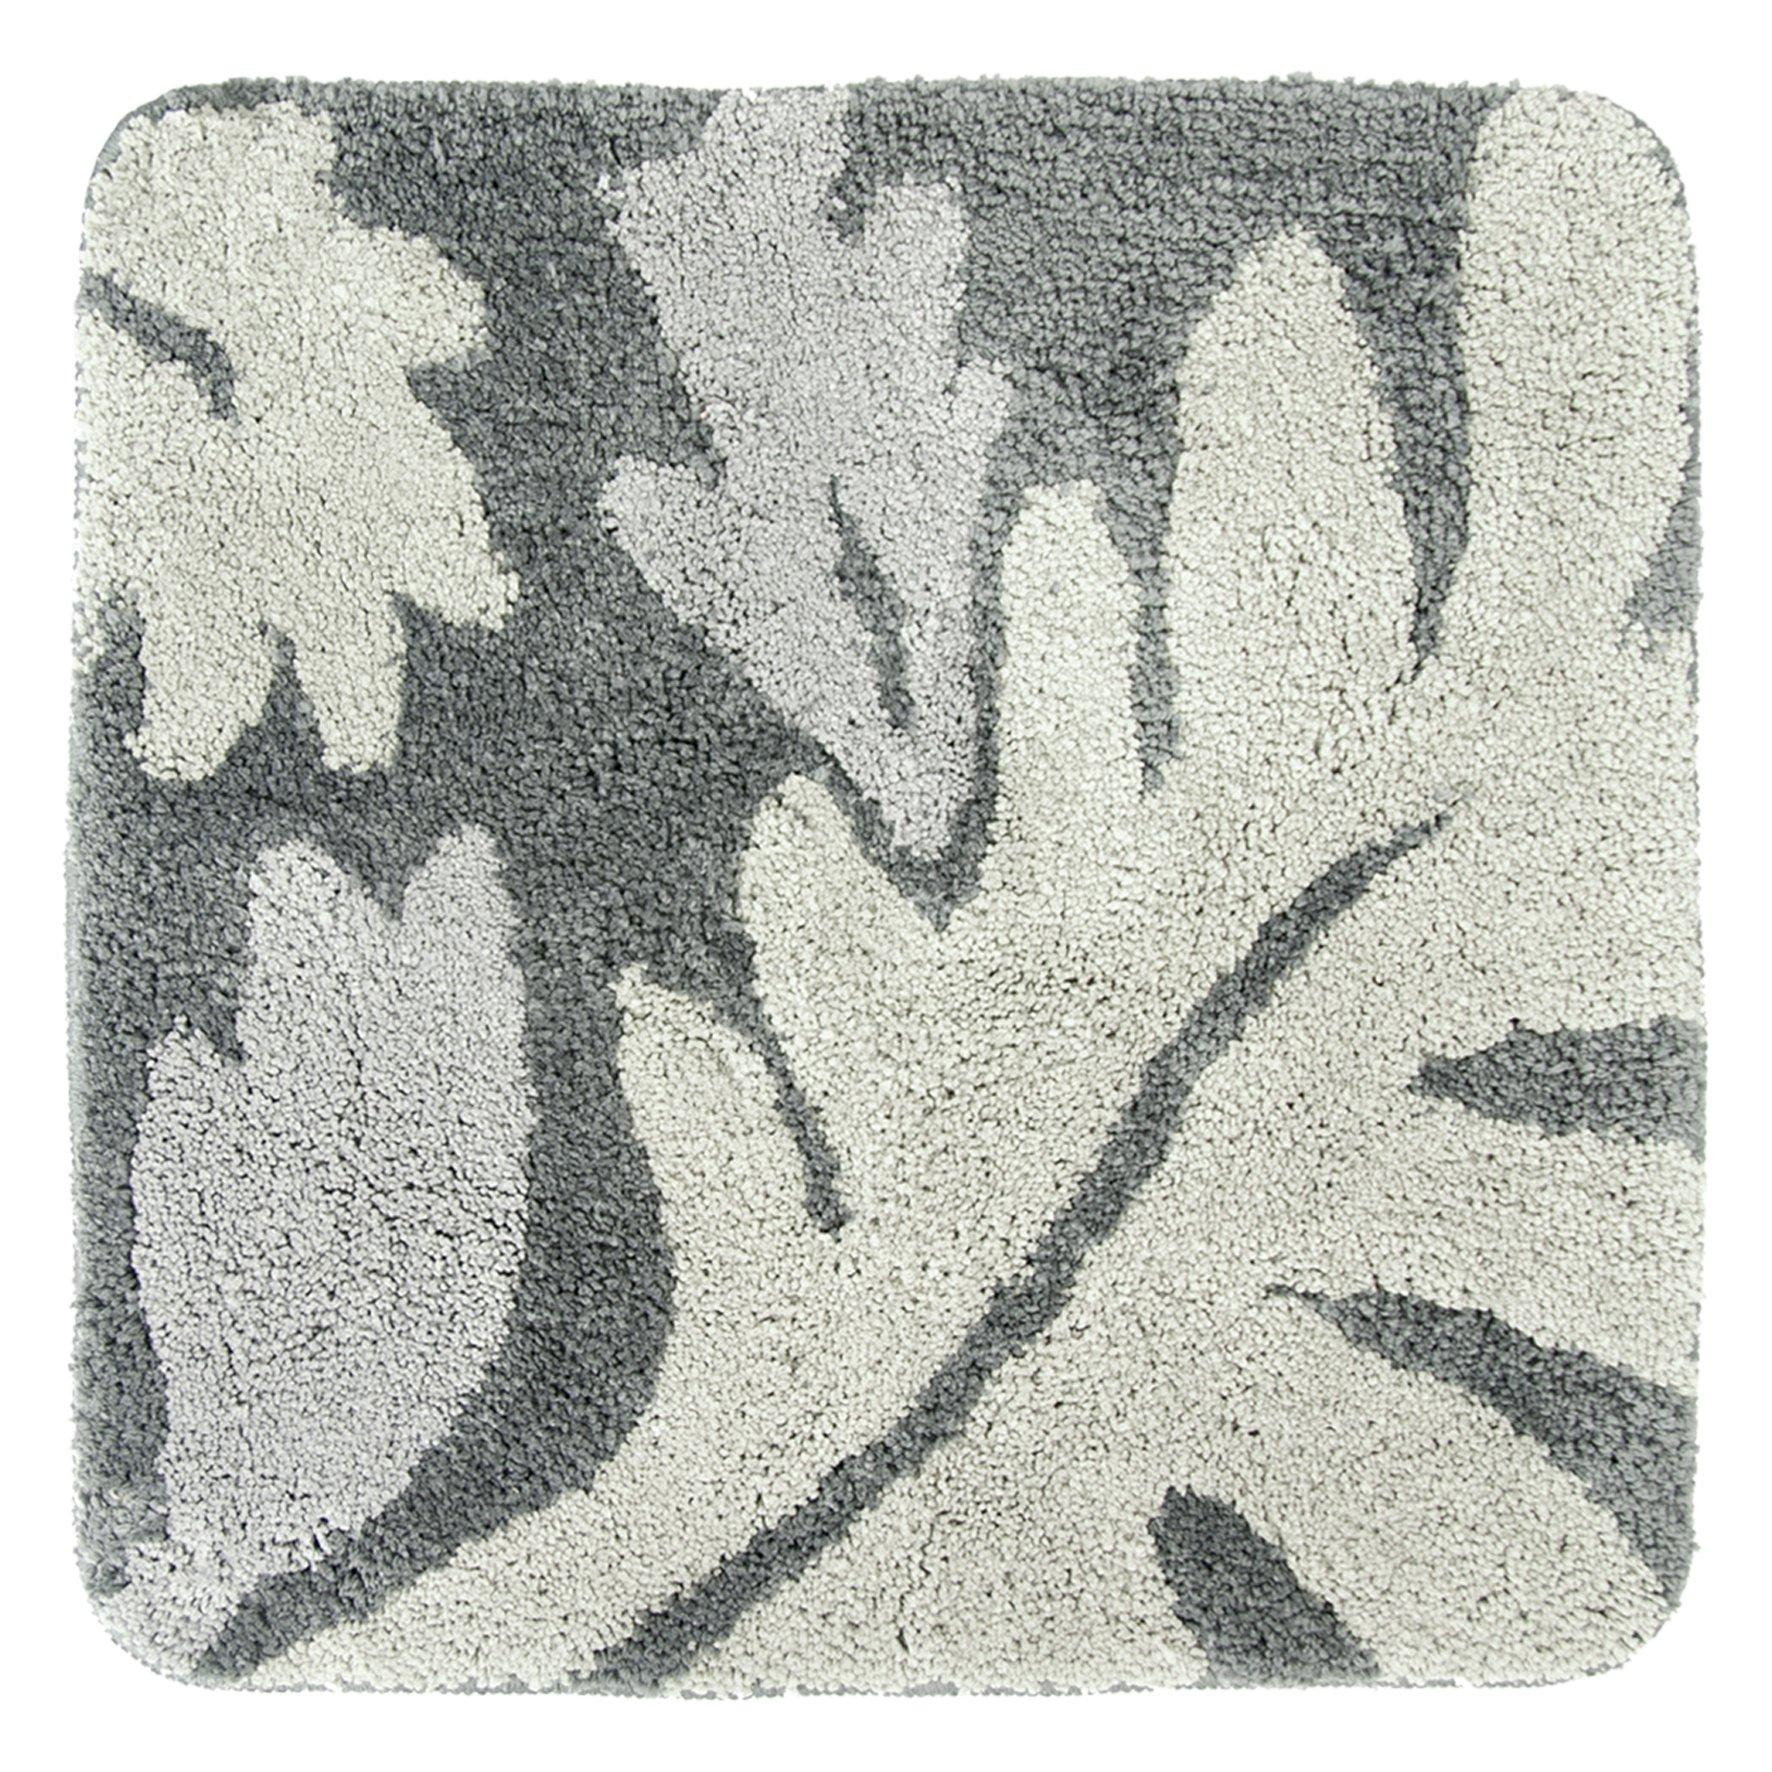 DIFFERNZ 31.220.45Folia Bath Mat, Grey by Differnz